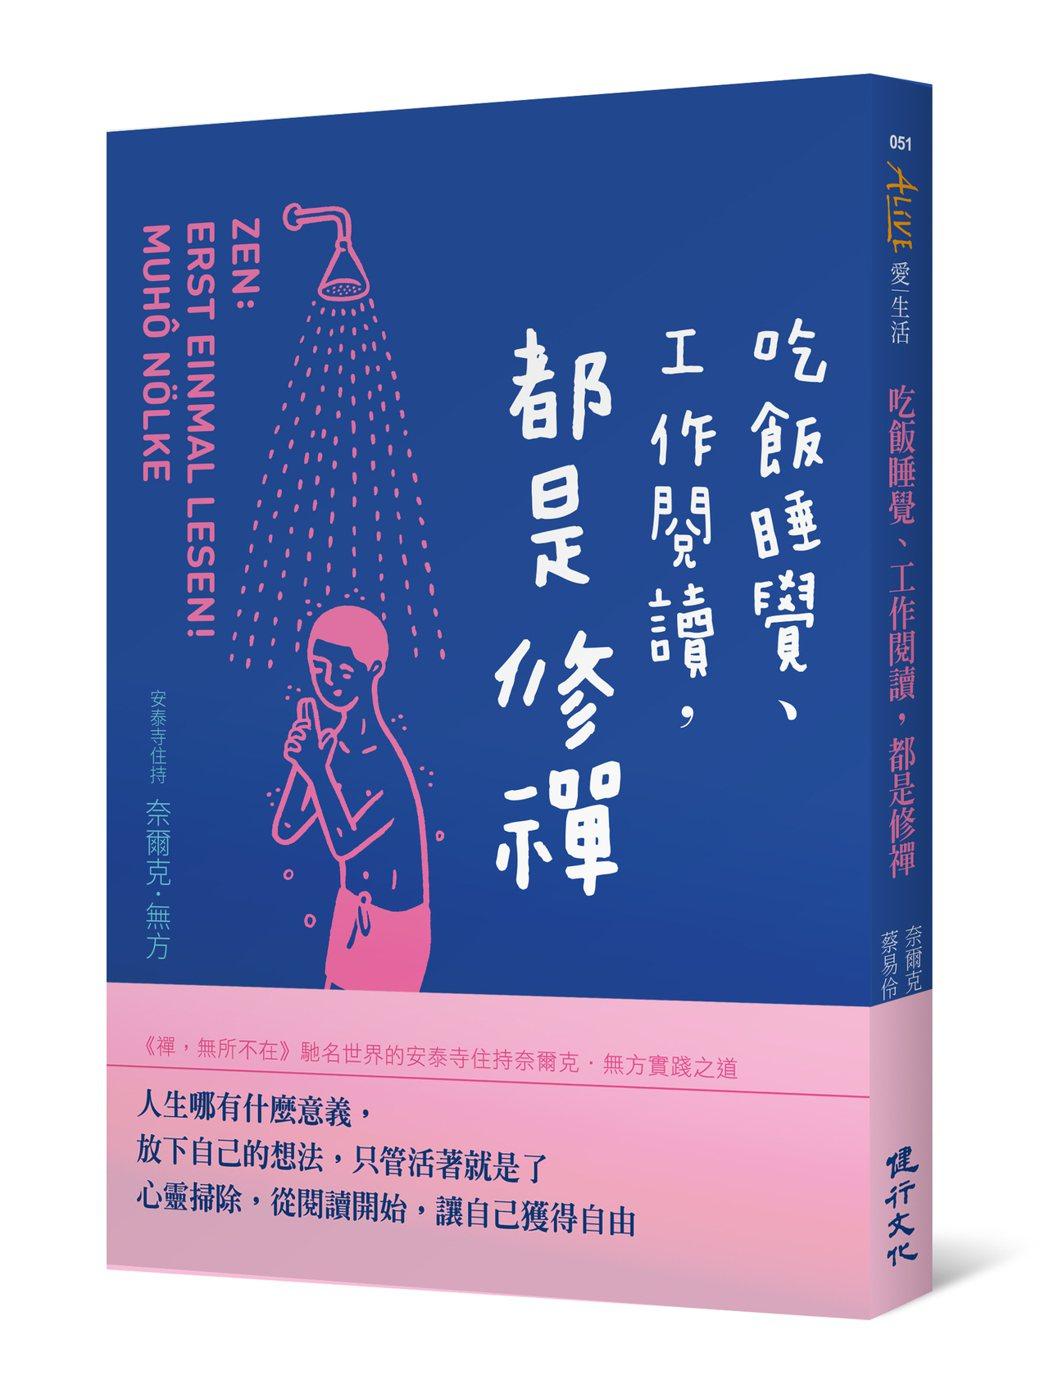 書名/《吃飯睡覺、工作閱讀,都是修禪》、作者/奈爾克.無方、譯者/蔡易伶、圖/健...